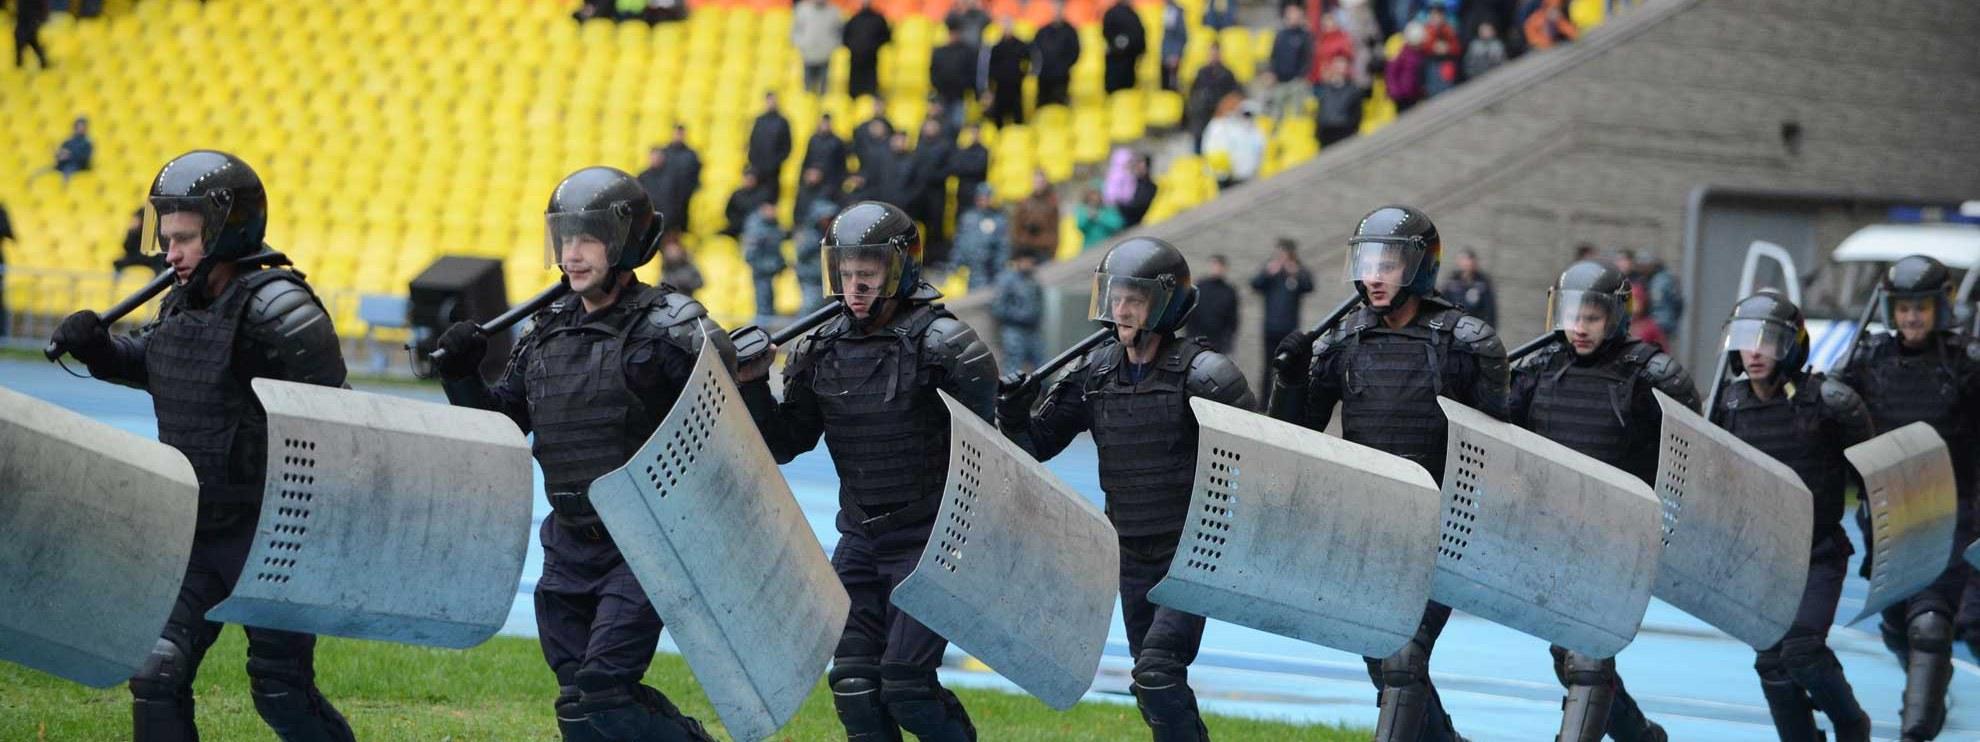 Russische Spezialeinheiten werden für die Mega-Sportanlässe wie die Olympischen Spiele in Sotschi oder die Fussball-WM 2018 trainiert. © ree Wind 2014 / Shutterstock.com